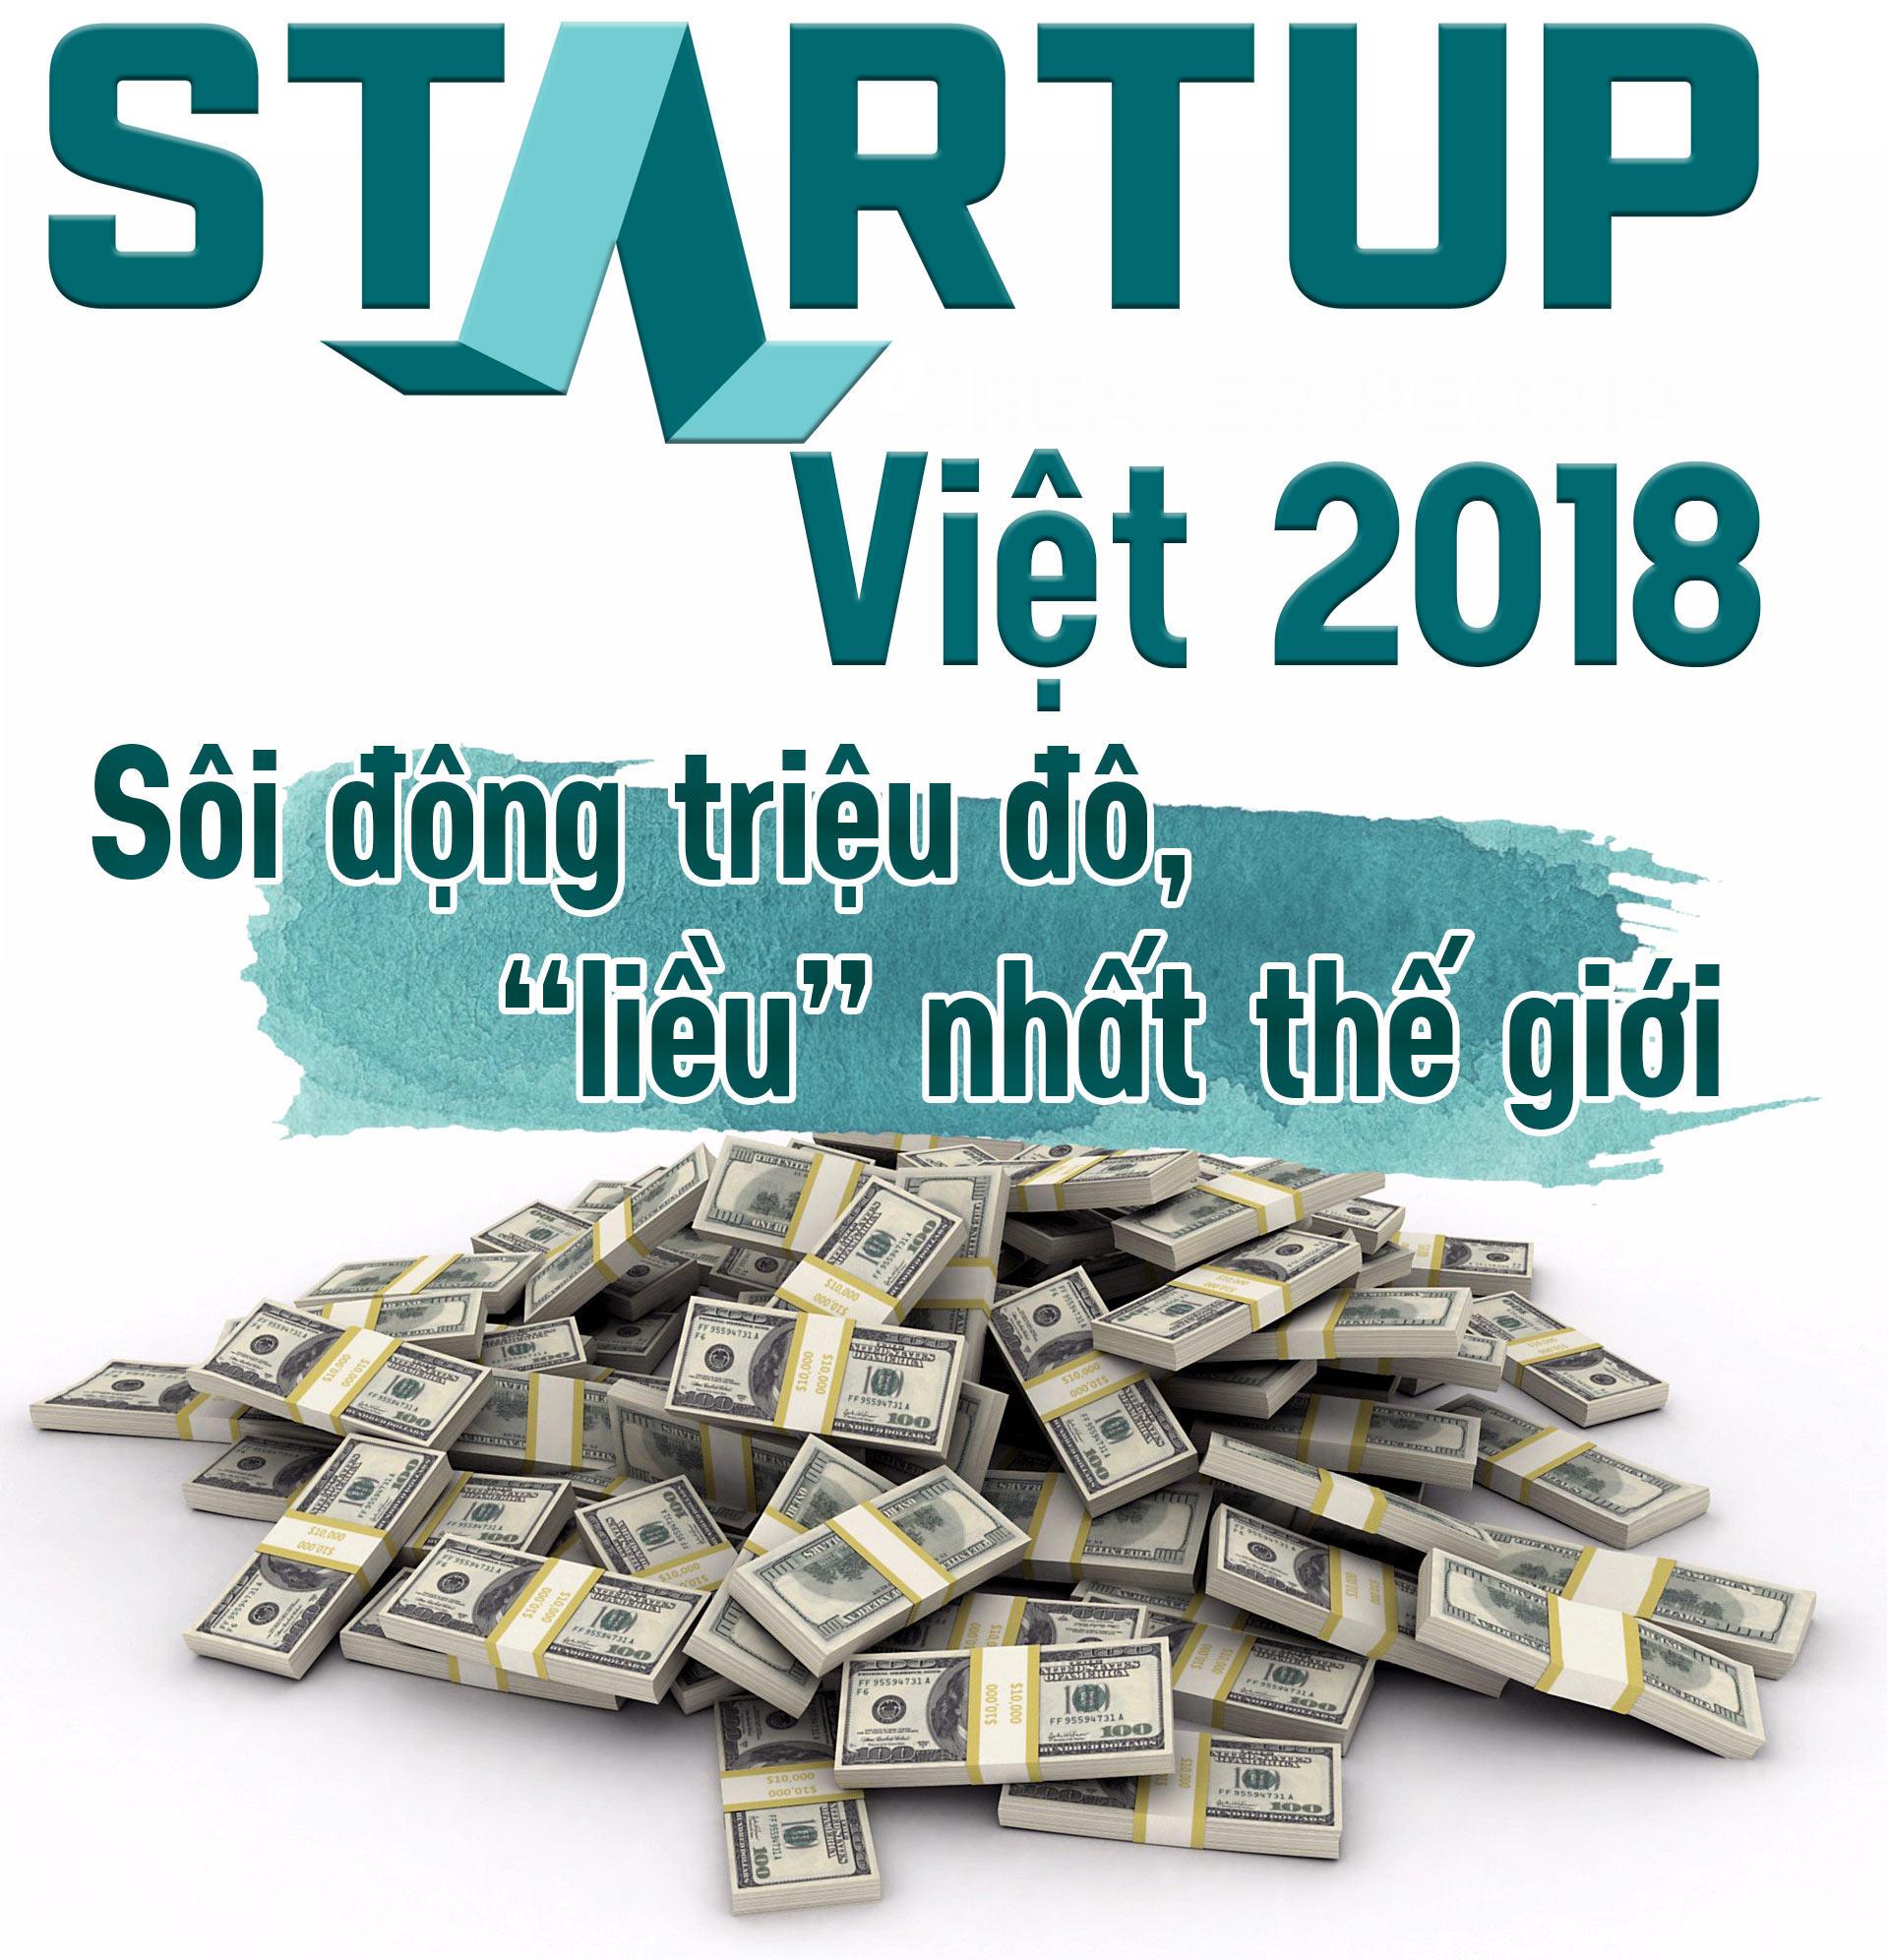 """Startup Việt 2018: Sôi động triệu đô, """"liều"""" nhất thế giới - 1"""